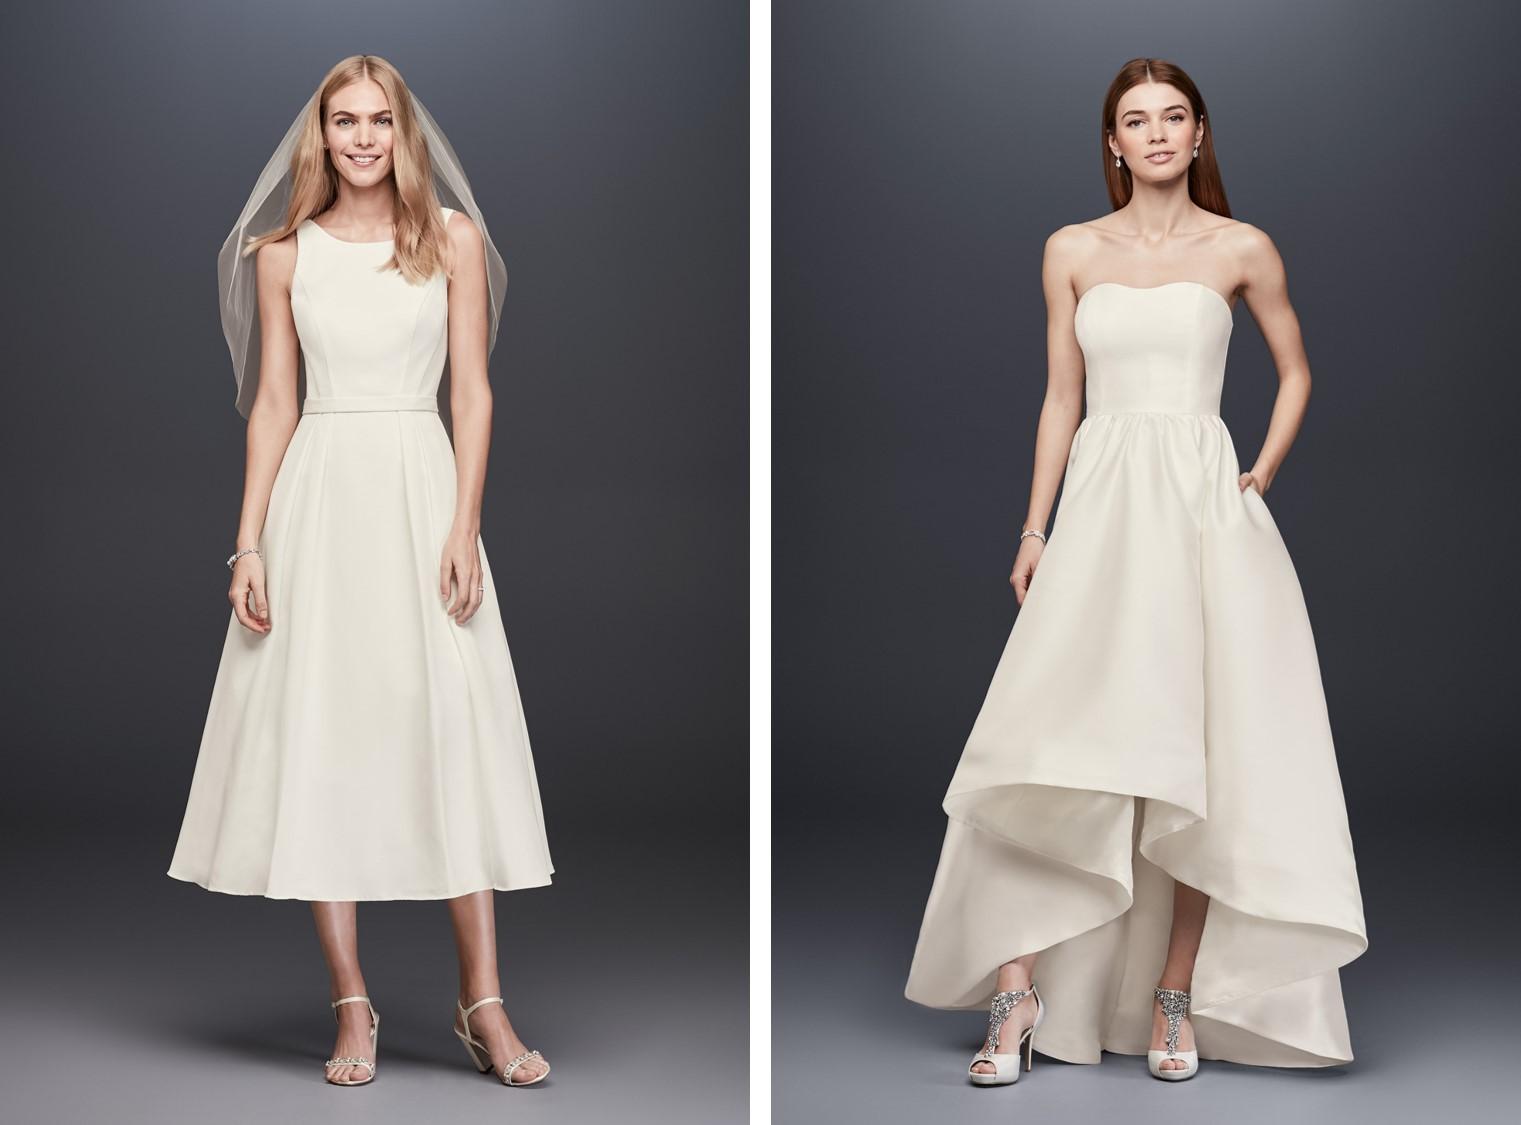 Women modeling short wedding dresses